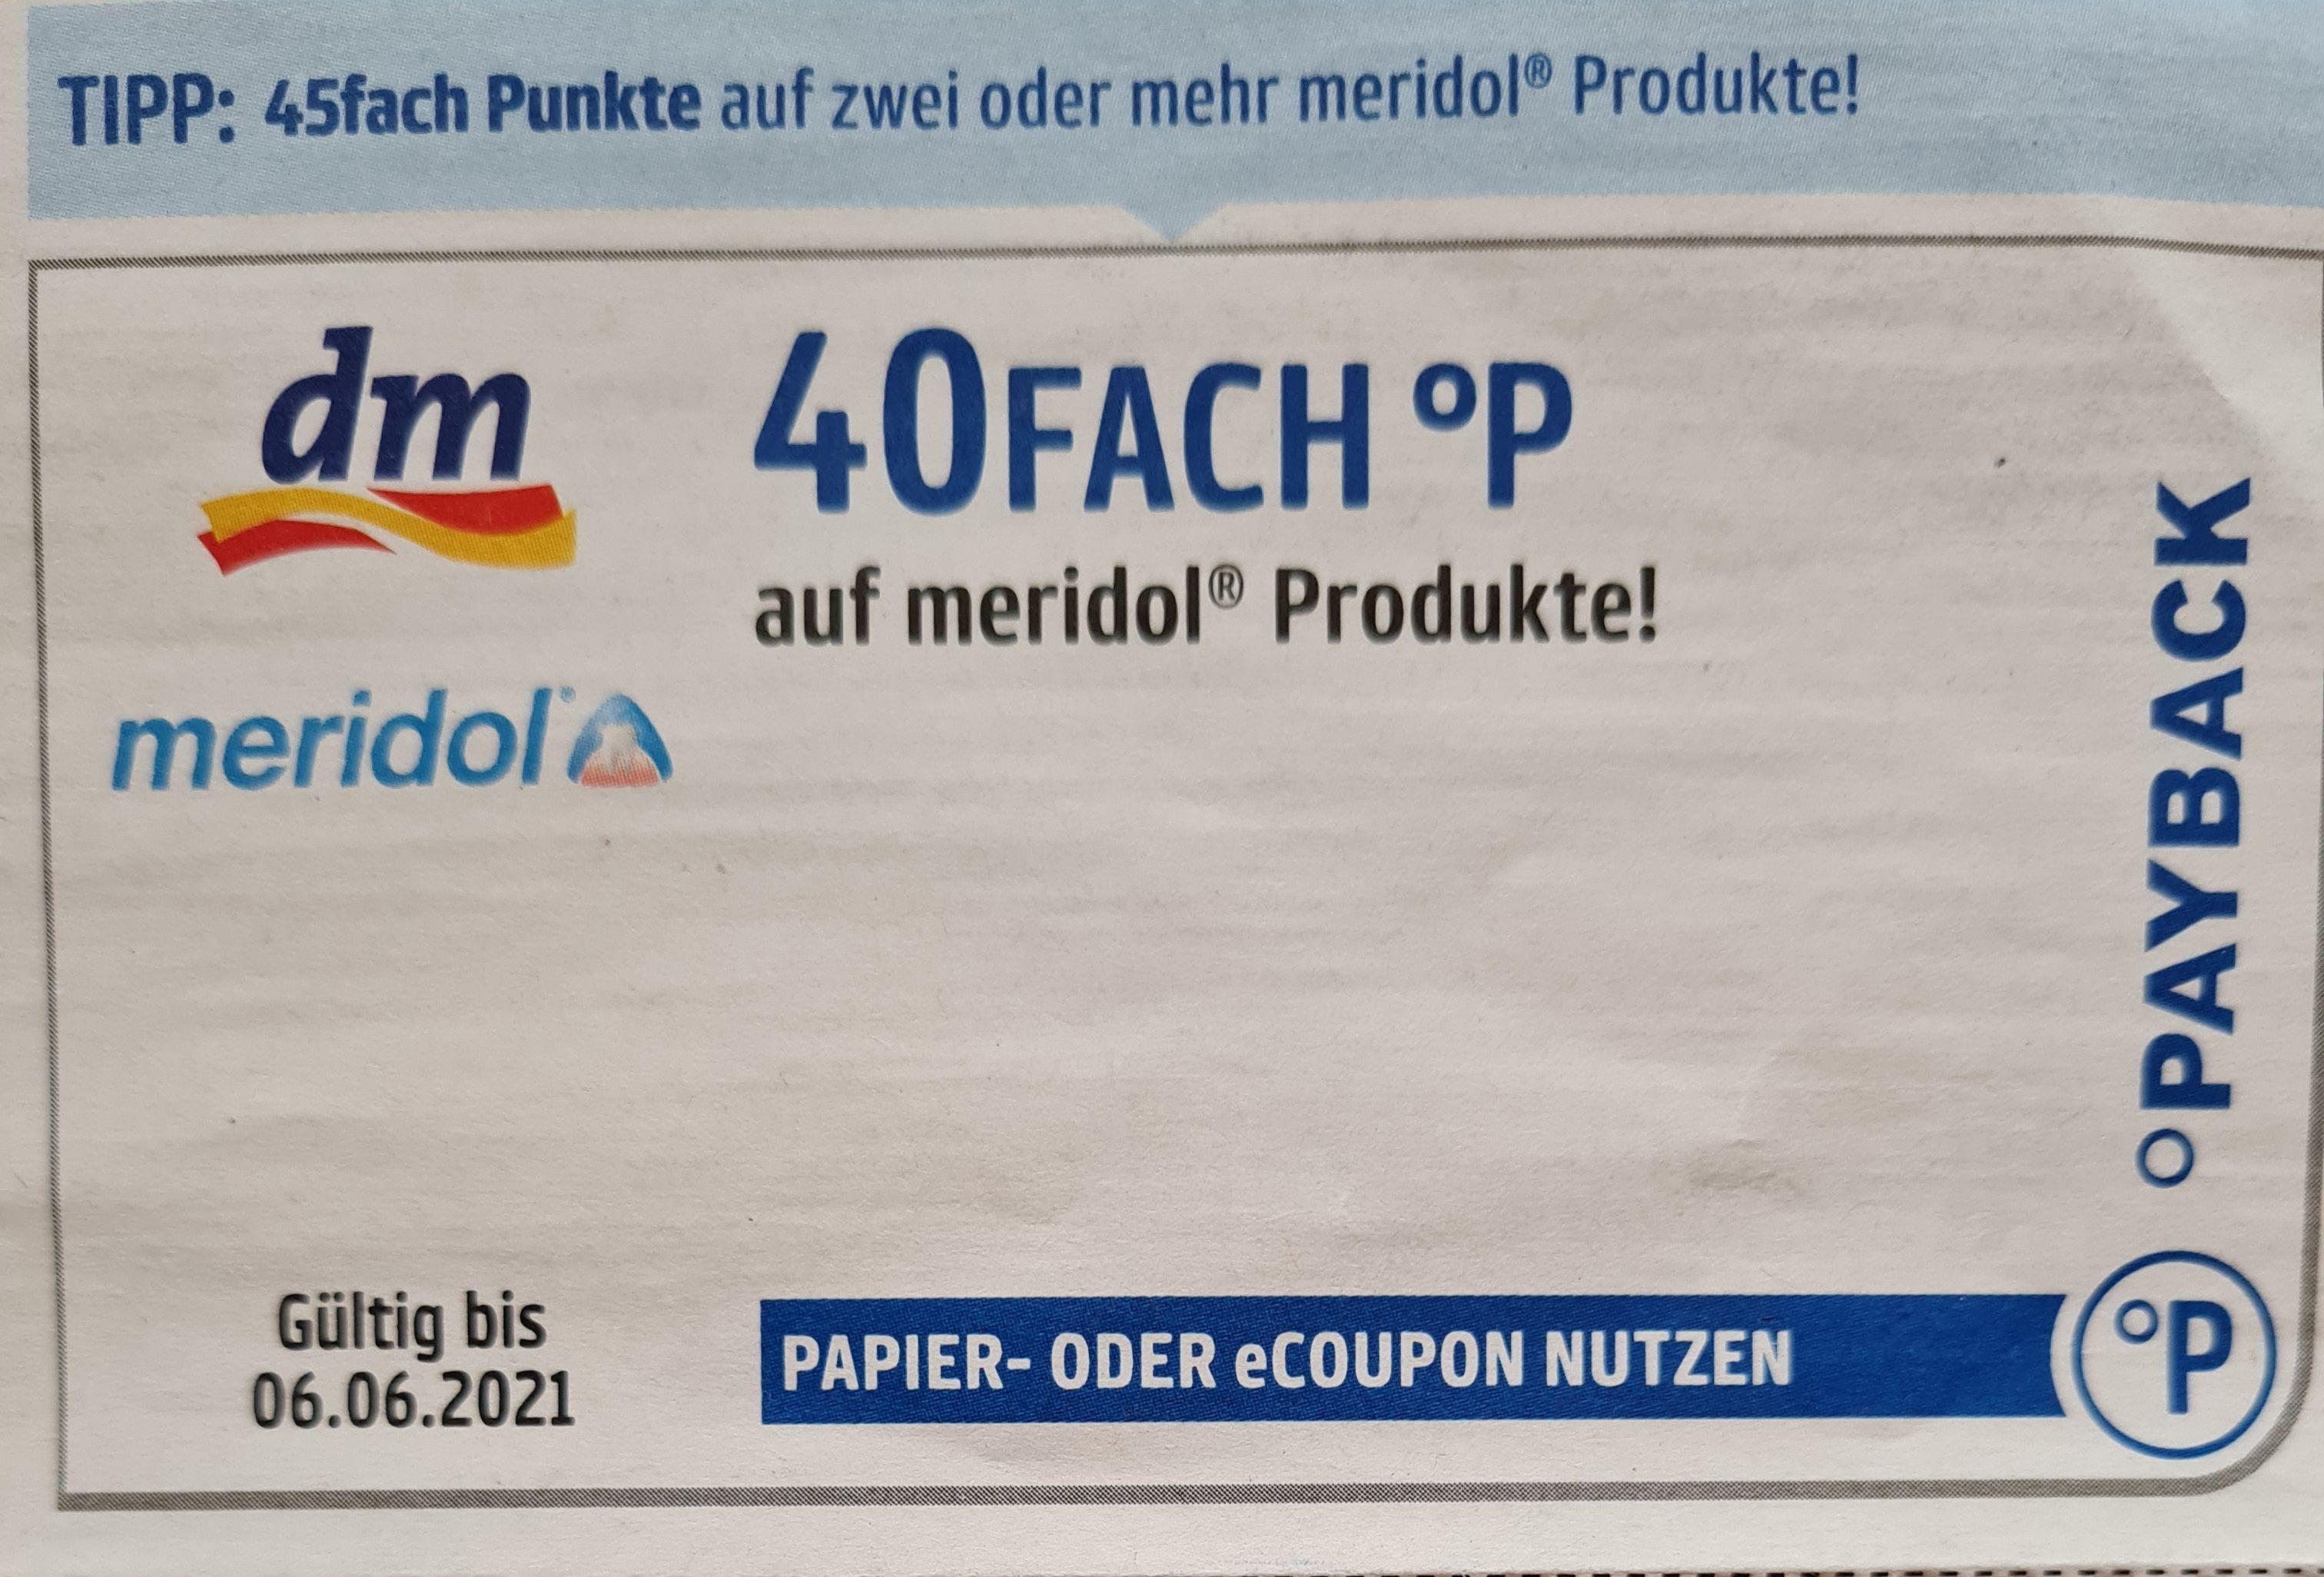 DM 40Fach °P auf Meridol Produkte und 45Fach °P auf zwei oder mehr Meridol Produkte bis 06.06